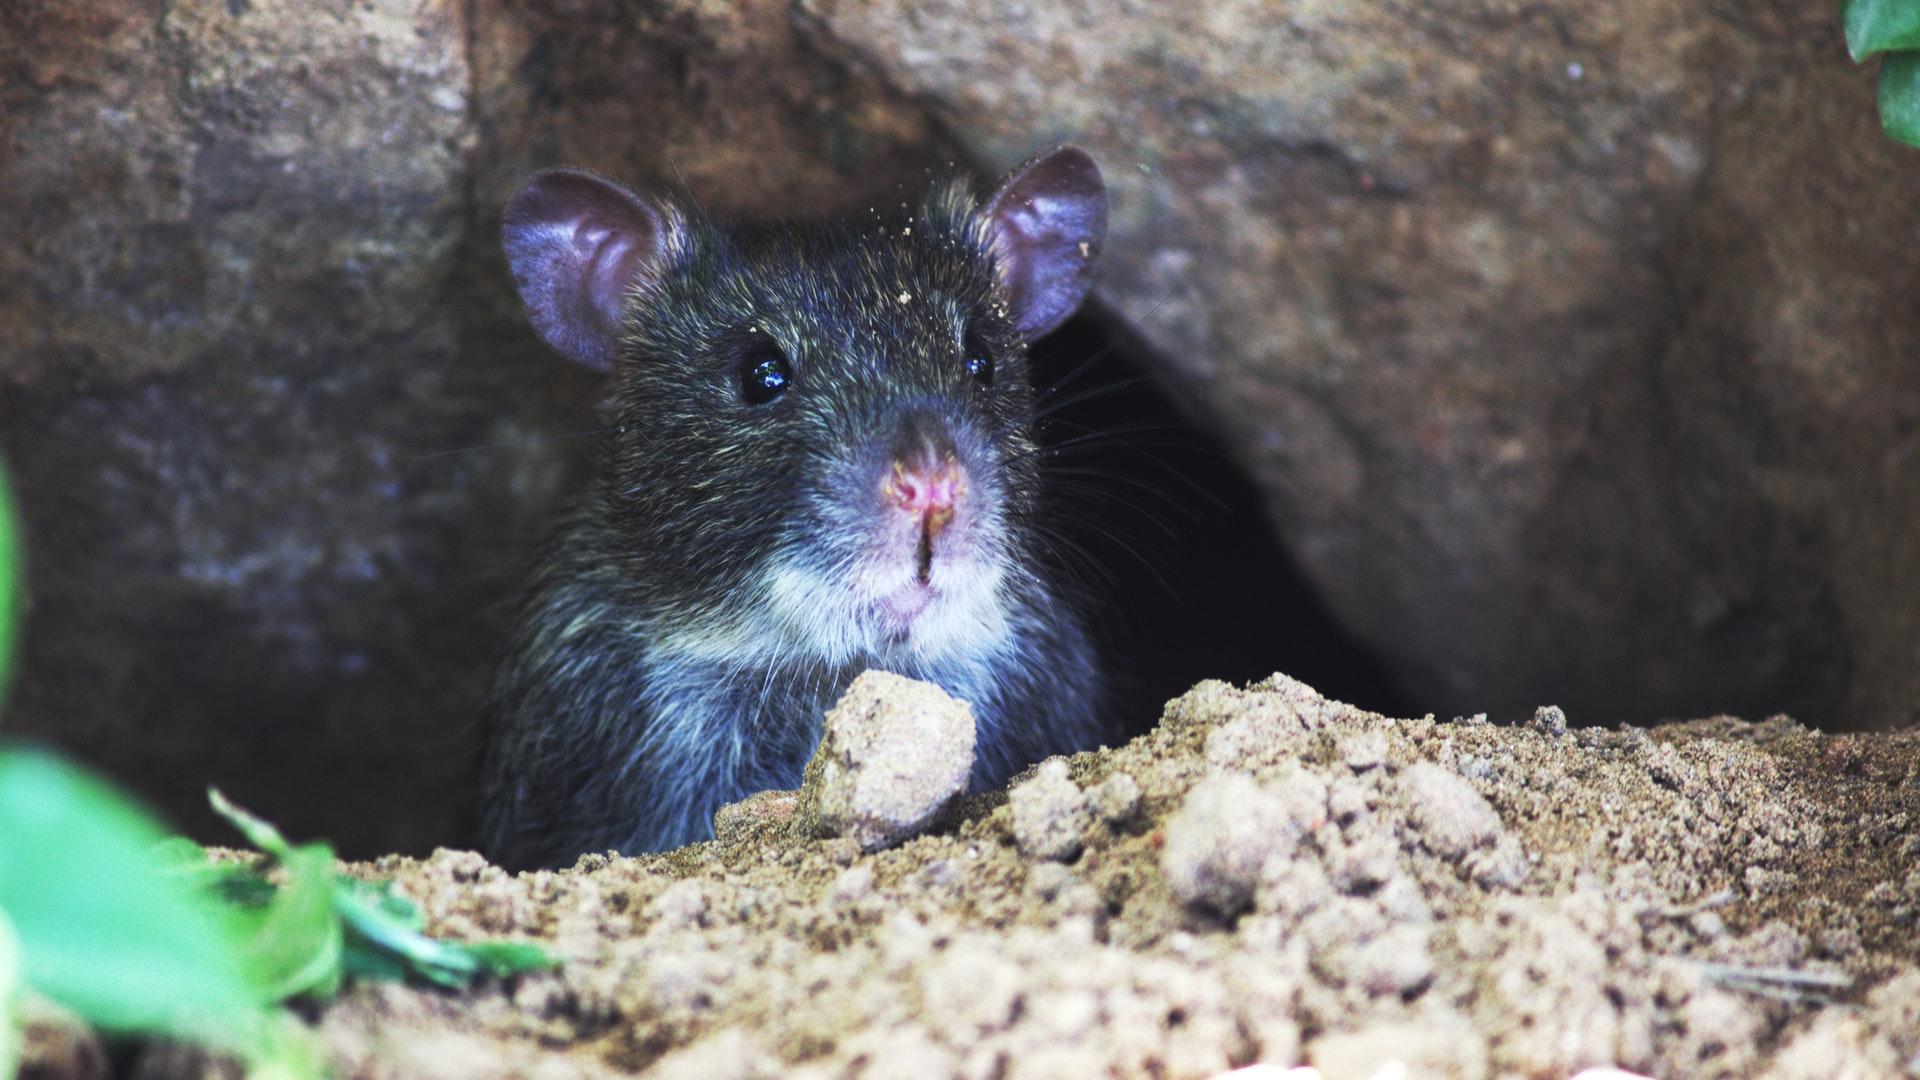 Sonhar com rato fugindo é sinal de cautela.